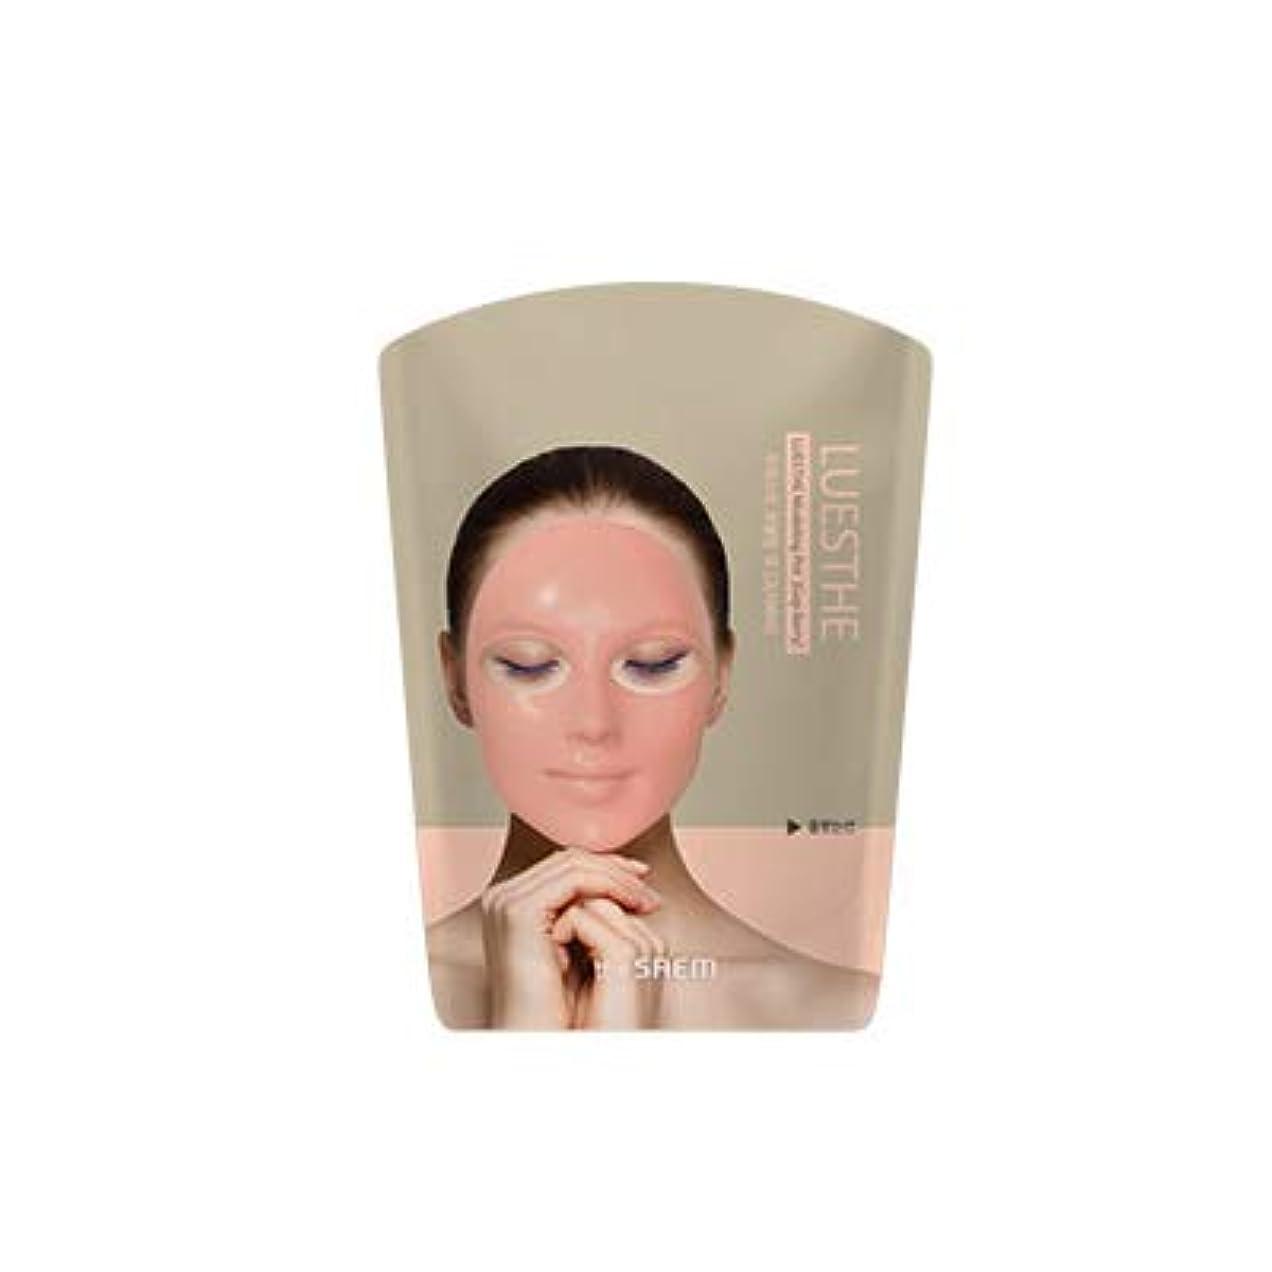 静的受粉する威信【The Saem】ザセム ルエステ モデリング パット/Luesthe Modeling Pot/韓国コスメ (ゴジベリー)